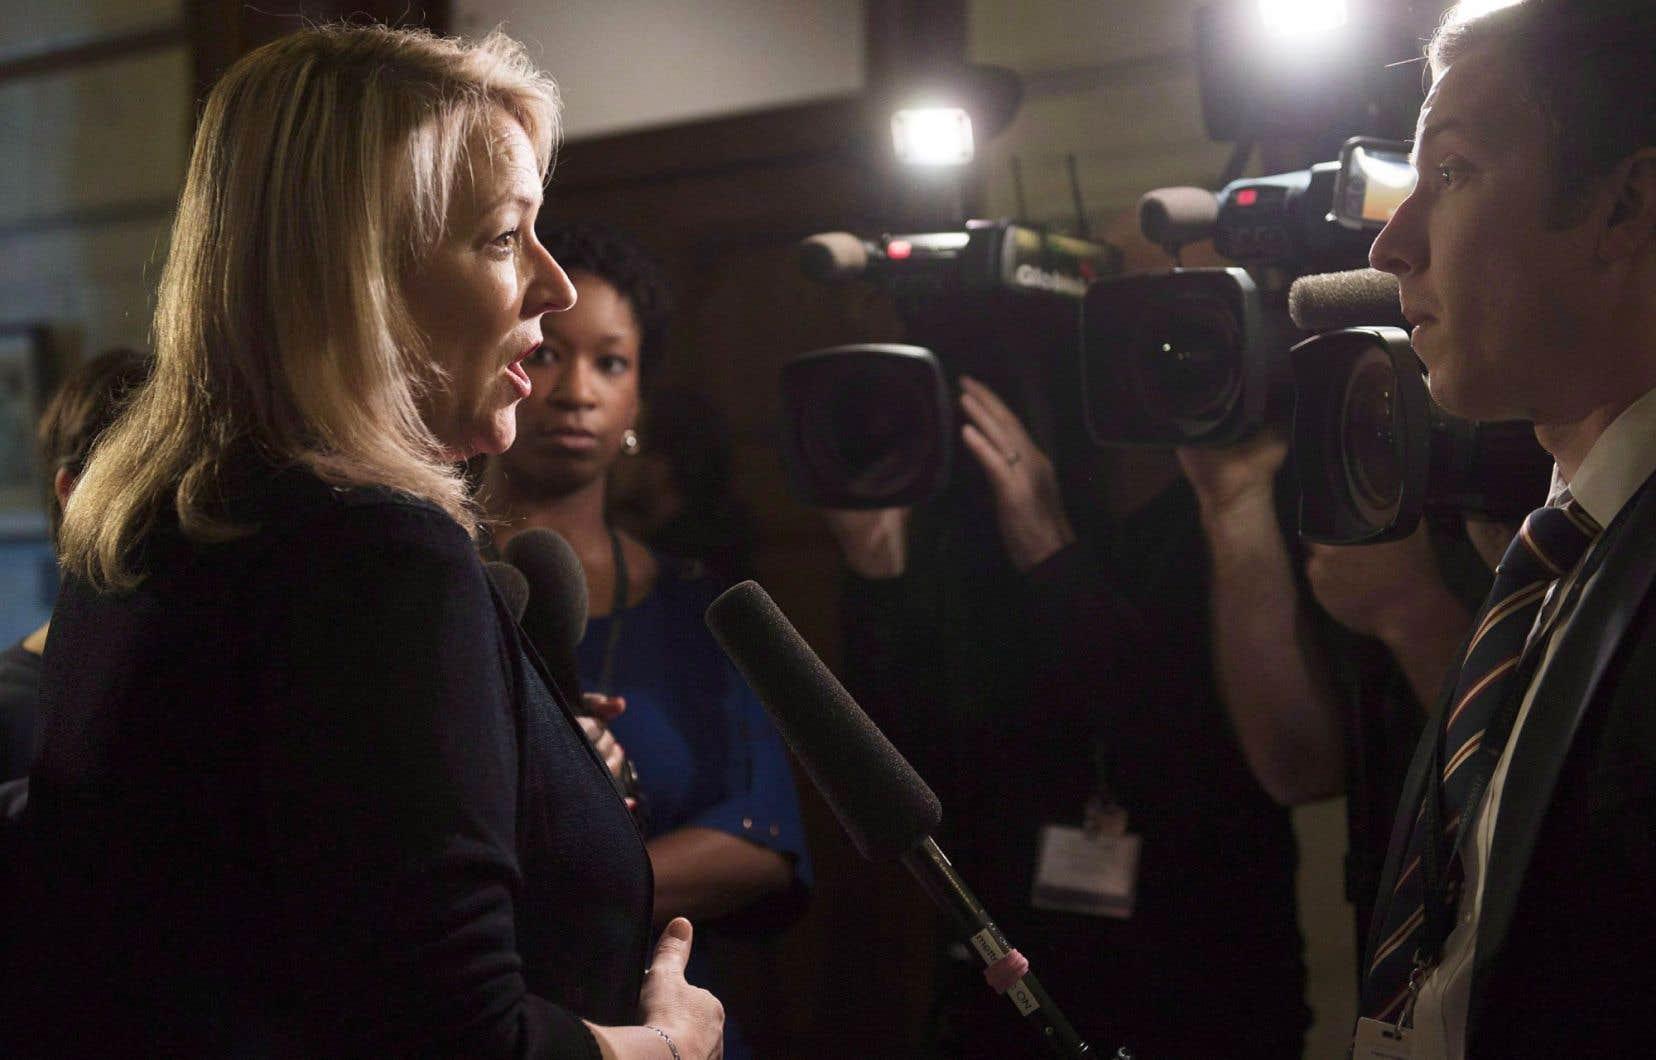 La ministre responsable de la Condition féminine, Lise Thériault, a appelé les partis d'opposition à ne pas faire de «la partisanerie à outrance» en matière de condition féminine.